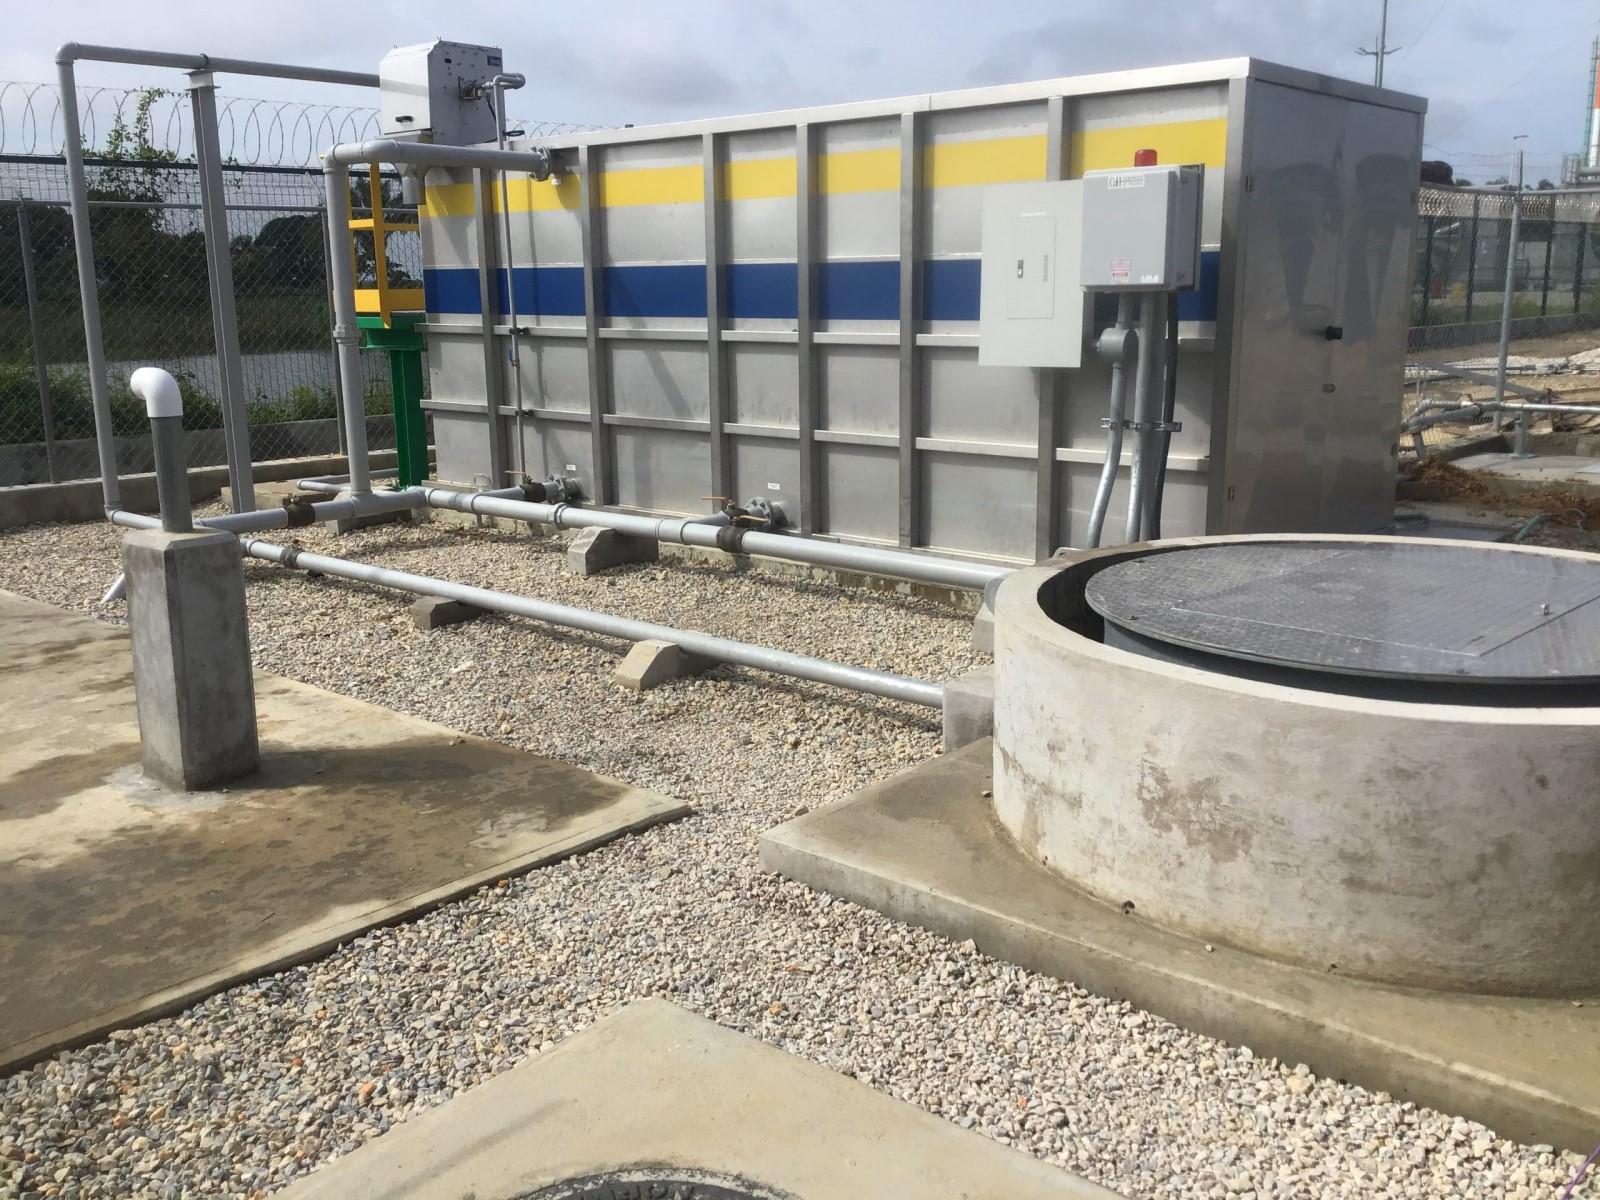 Equipo Tratamiento Aguas Residuales Urbanas - TAGA - Tecnología Ambiental Gallega